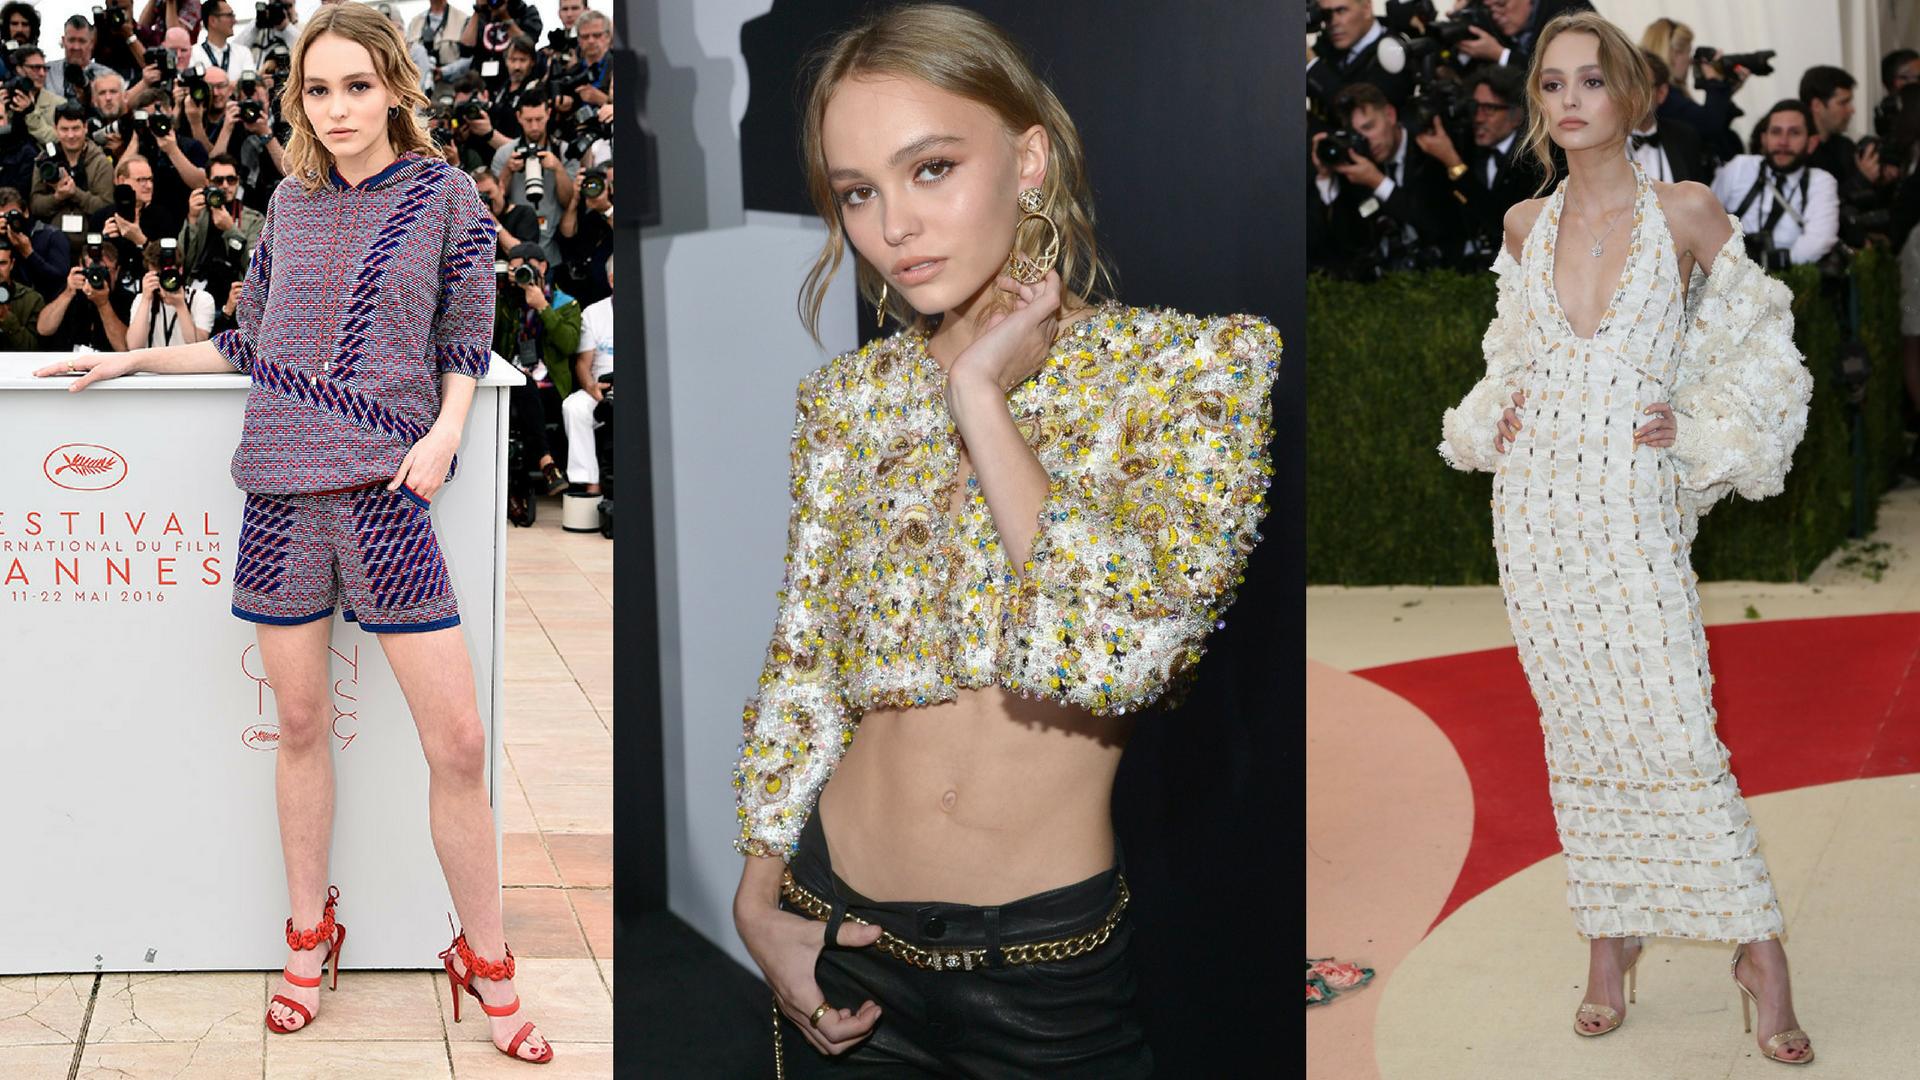 Lily-Rose Depp (18)<br />- Vanessa Paradis és Johnny Depp lánya<br />- 3.3 millió követő<br />- első filmszerepét 15 évesen vállalta, idén pedig a Chanel arca lett